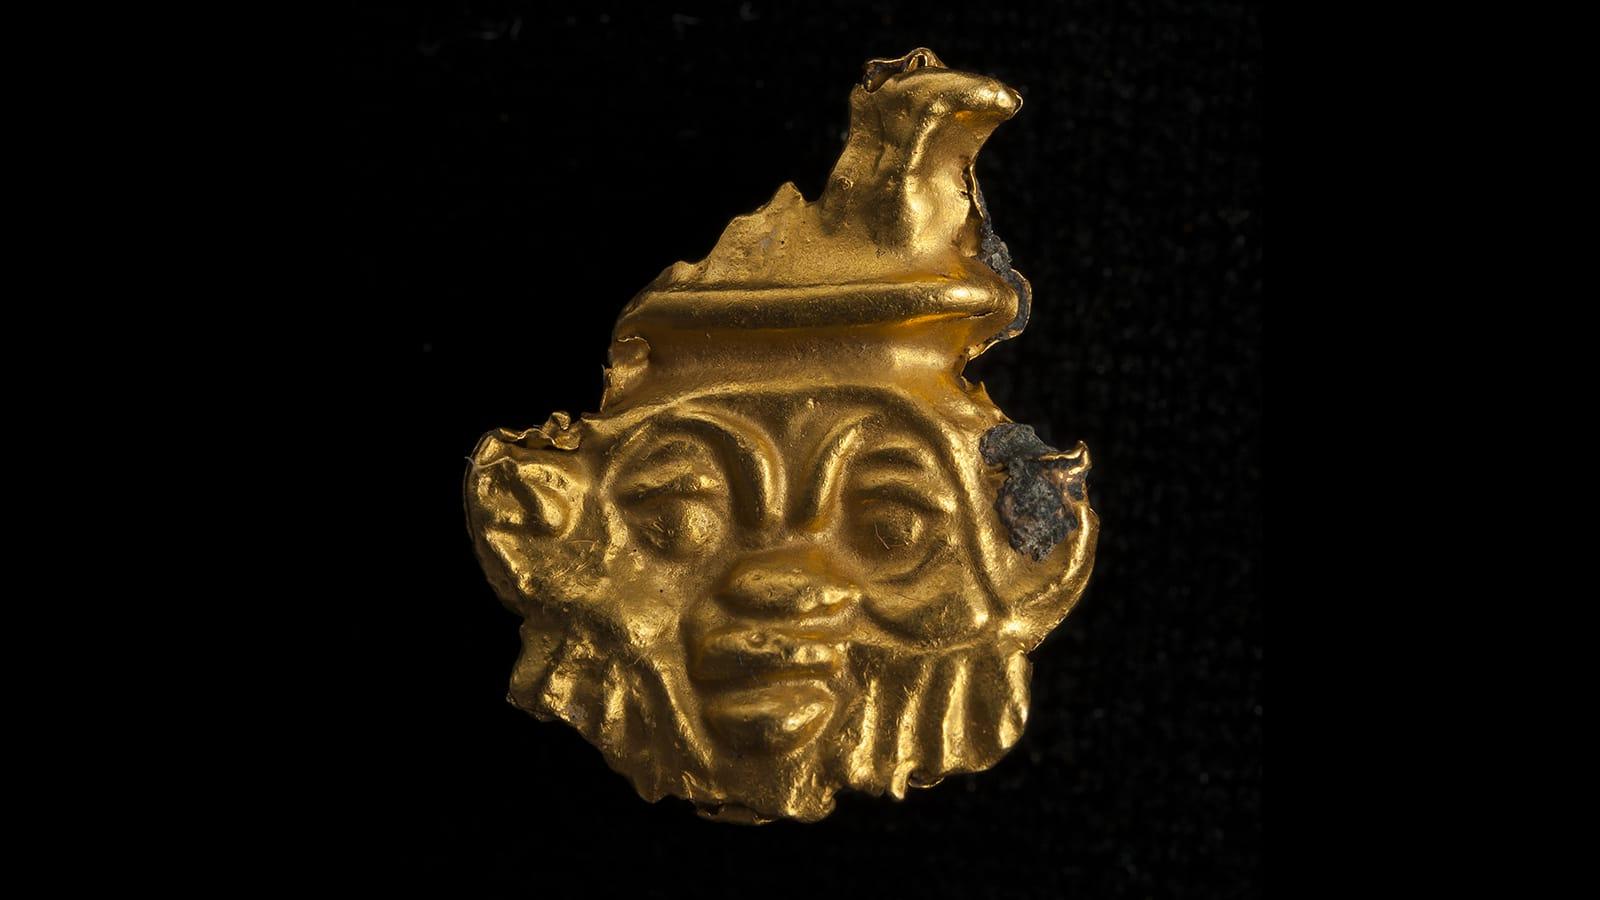 في مدينة غارقة بمصر.. اكتشاف كنوز أثرية منها سلال فواكه عمرها يزيد عن ألفين عام